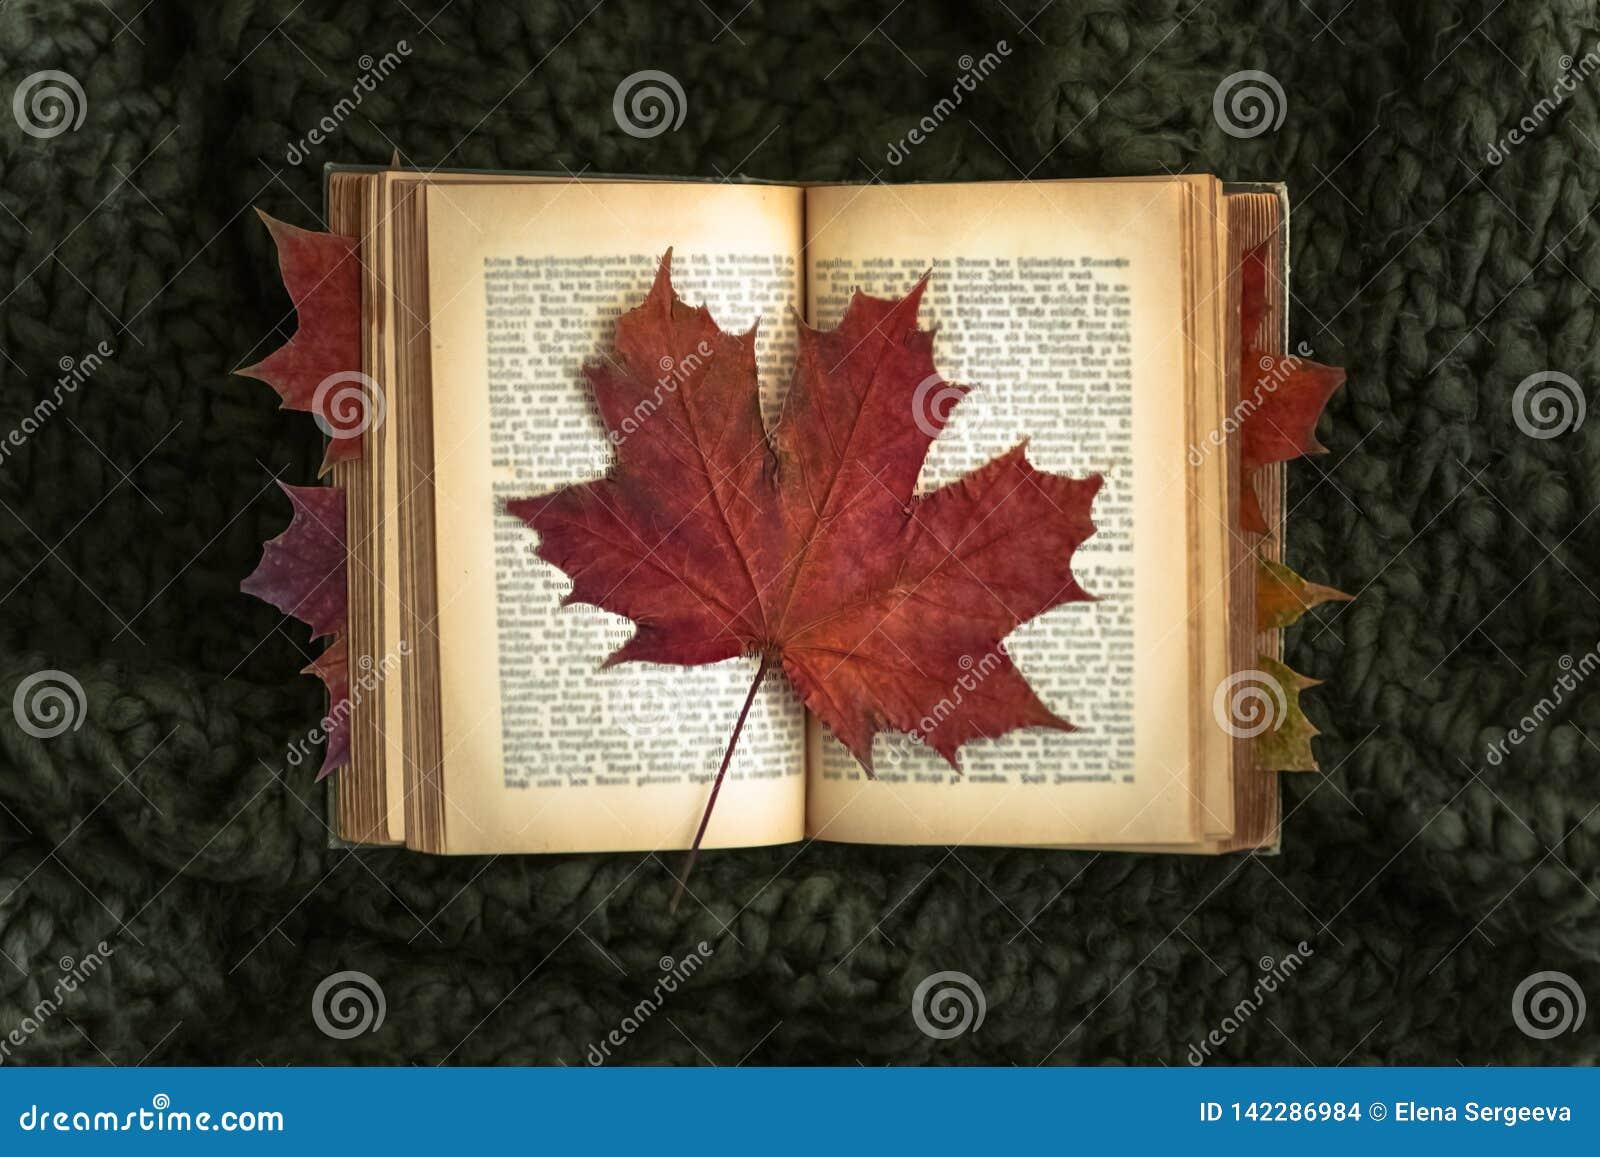 Rood blad op oud boek